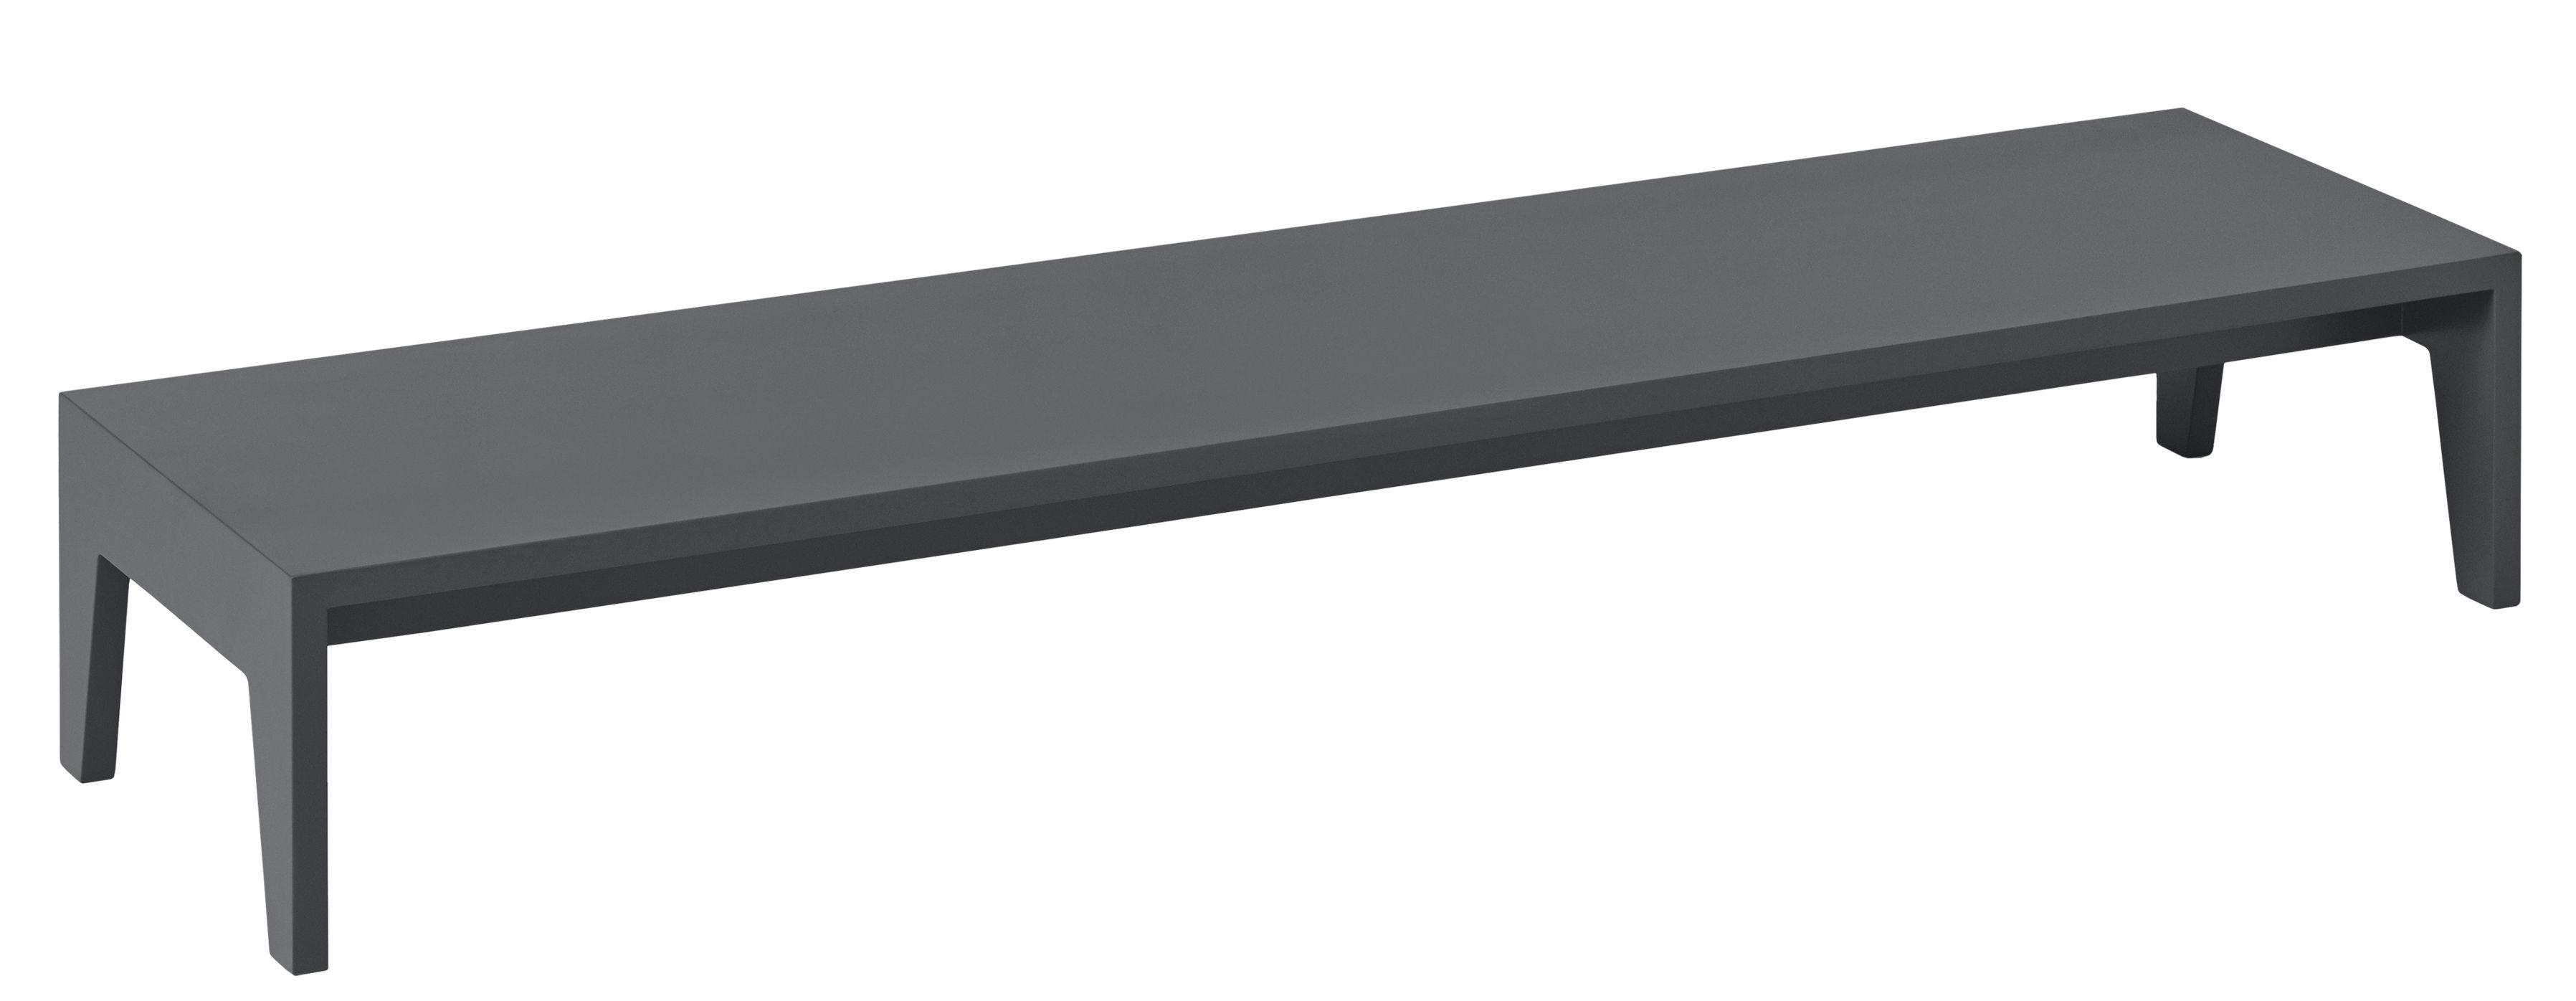 Mobilier - Compléments d'ameublement - Base Podium pour étagères Stacked 2.0 - Muuto - Gris - MDF peint